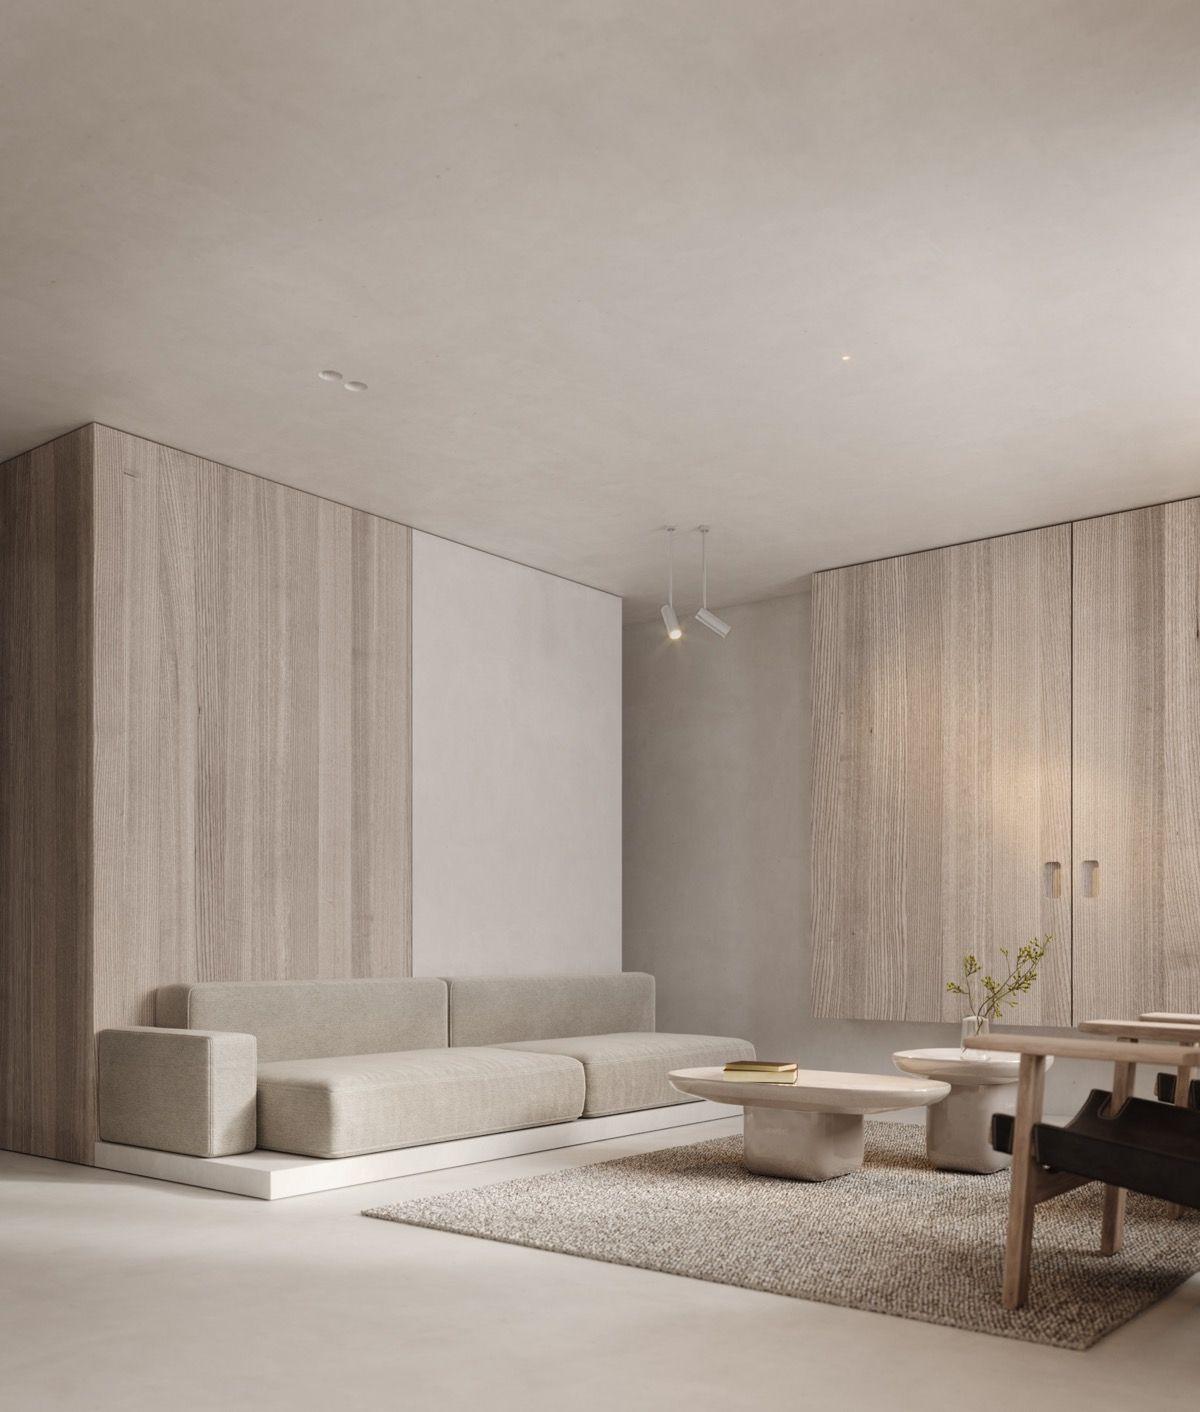 Best Neutral Modern Minimalist Interior Design 4 Examples 640 x 480